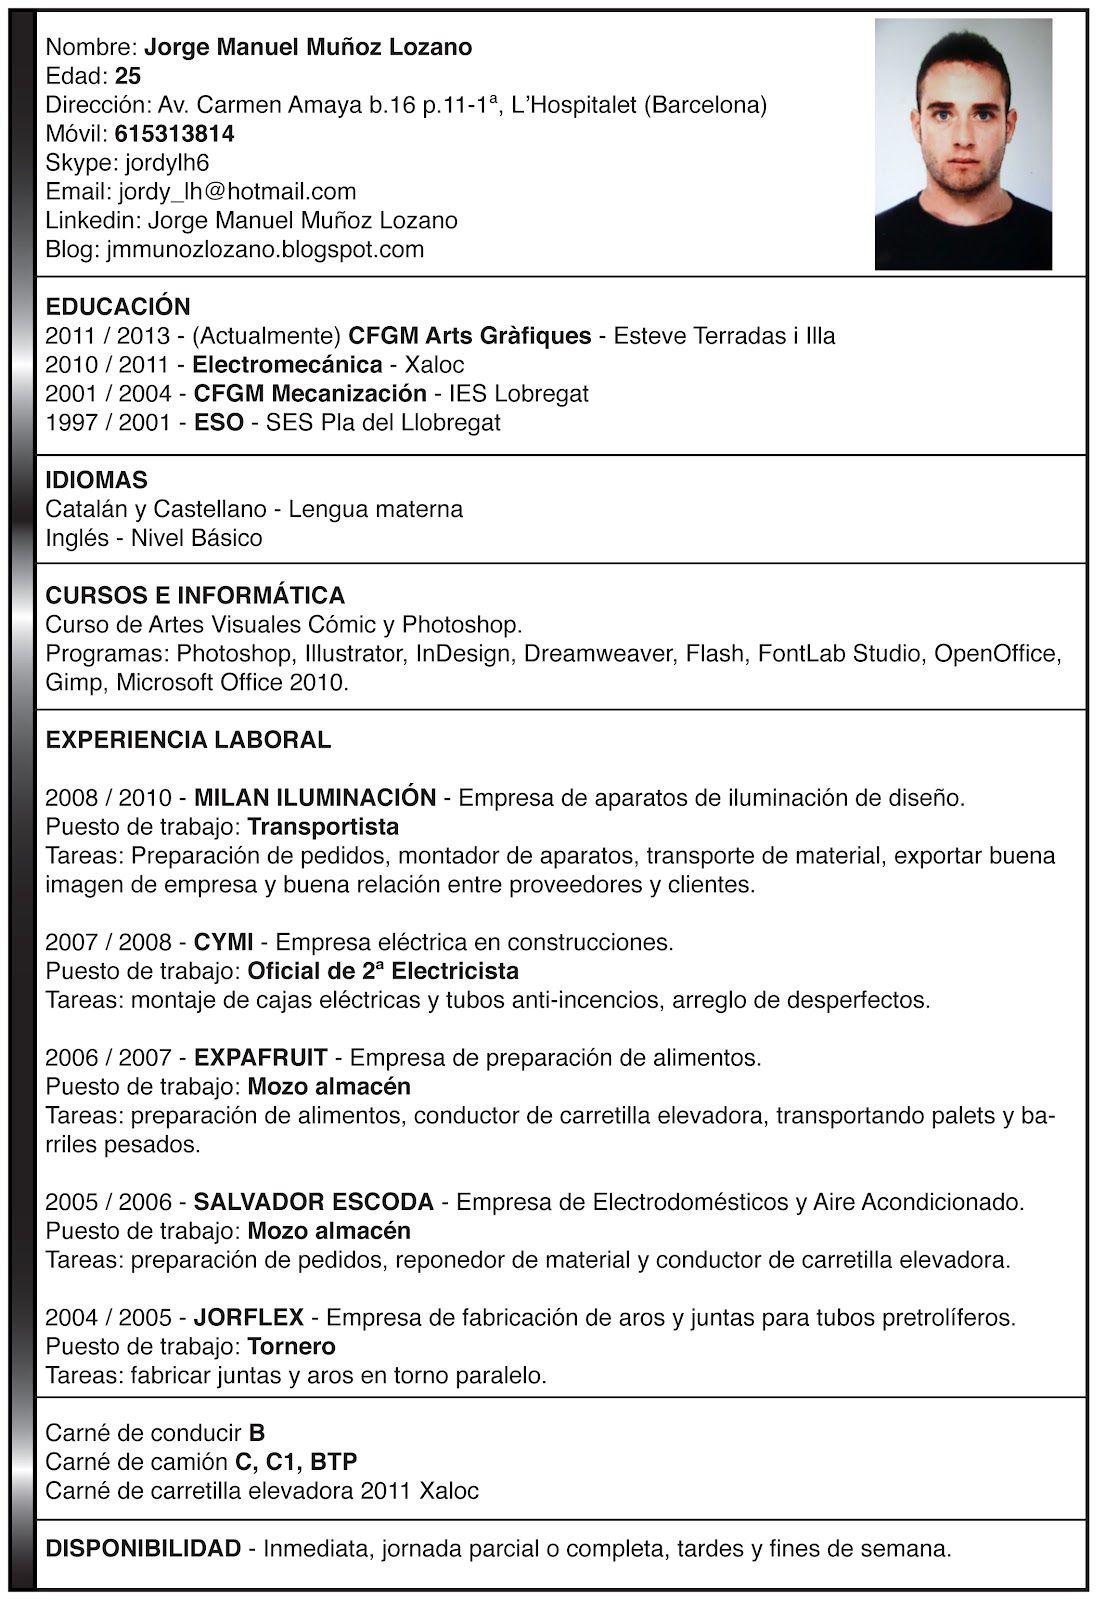 Hecho Ejemplos De Curriculum Vitae Modelos De Curriculum Vitae Curriculum Vitae